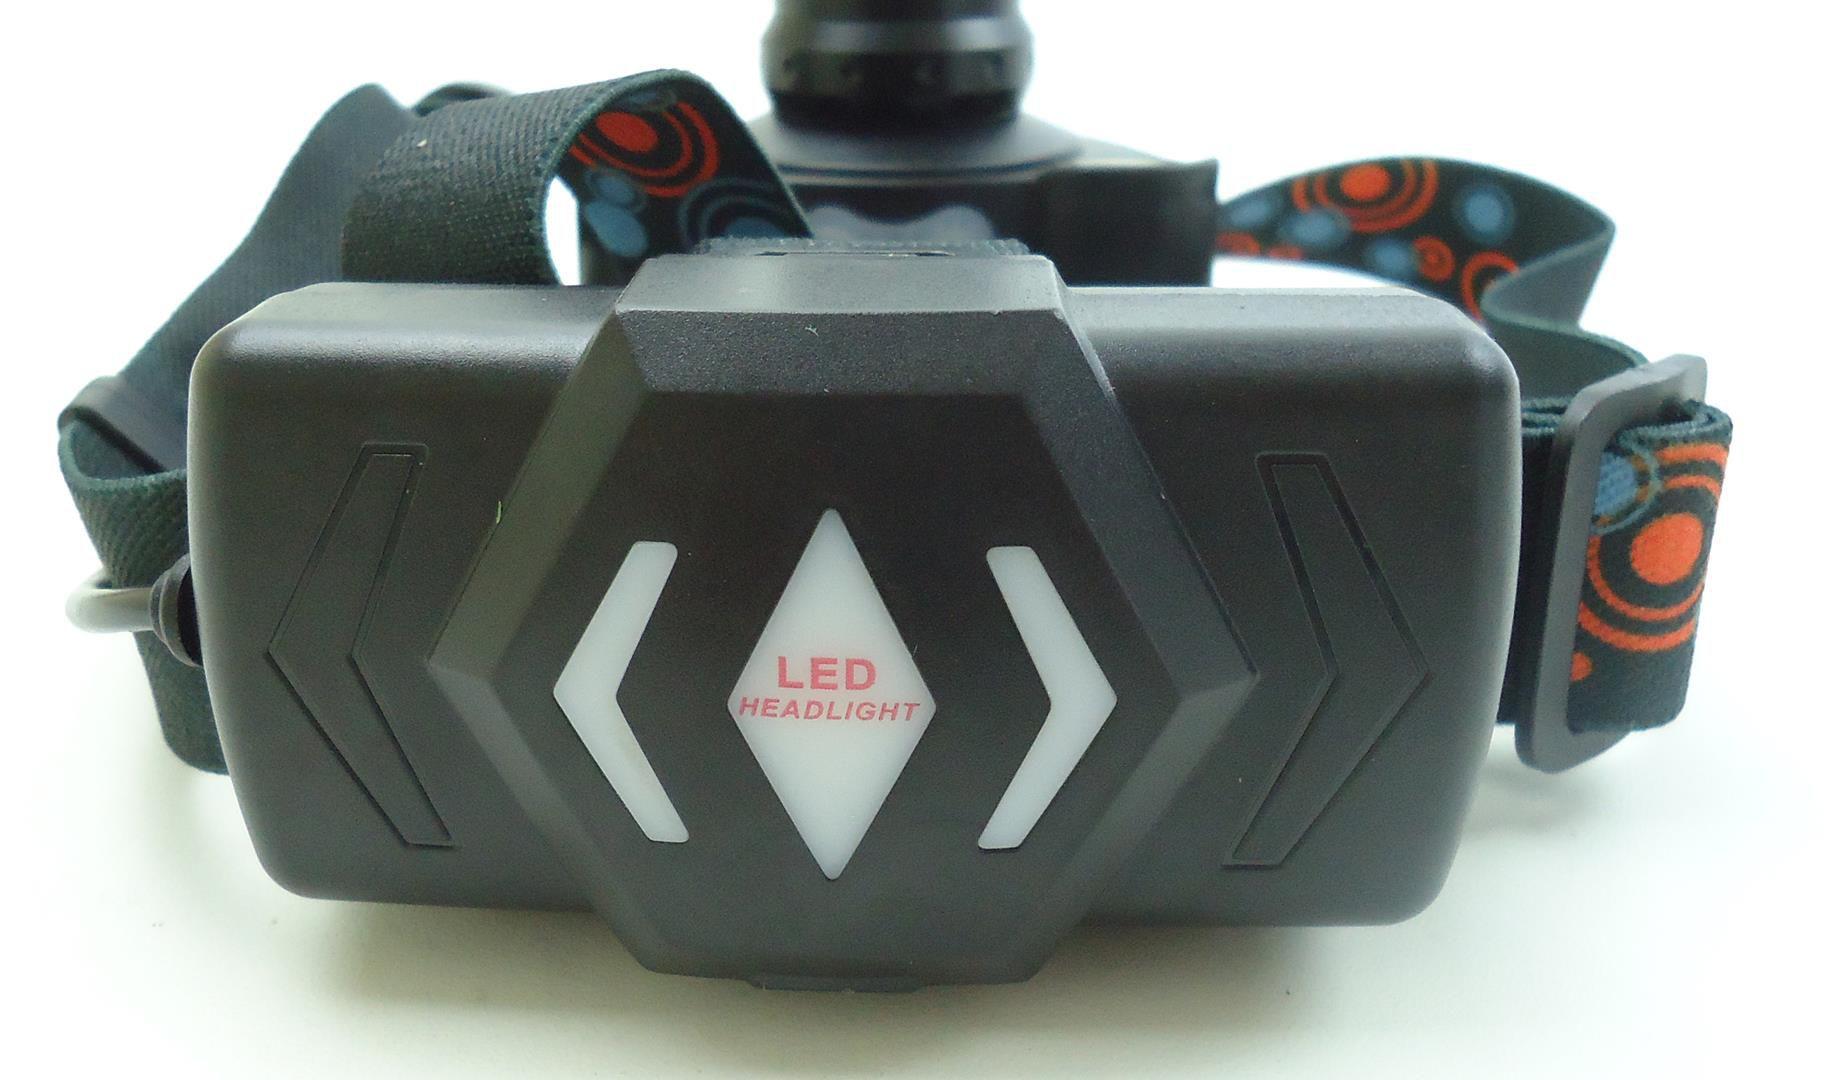 Lanterna Farol De Capacete com 3 Super Leds com Sensor JWS JY-8864 Recarregável Fixação Na Cabeça